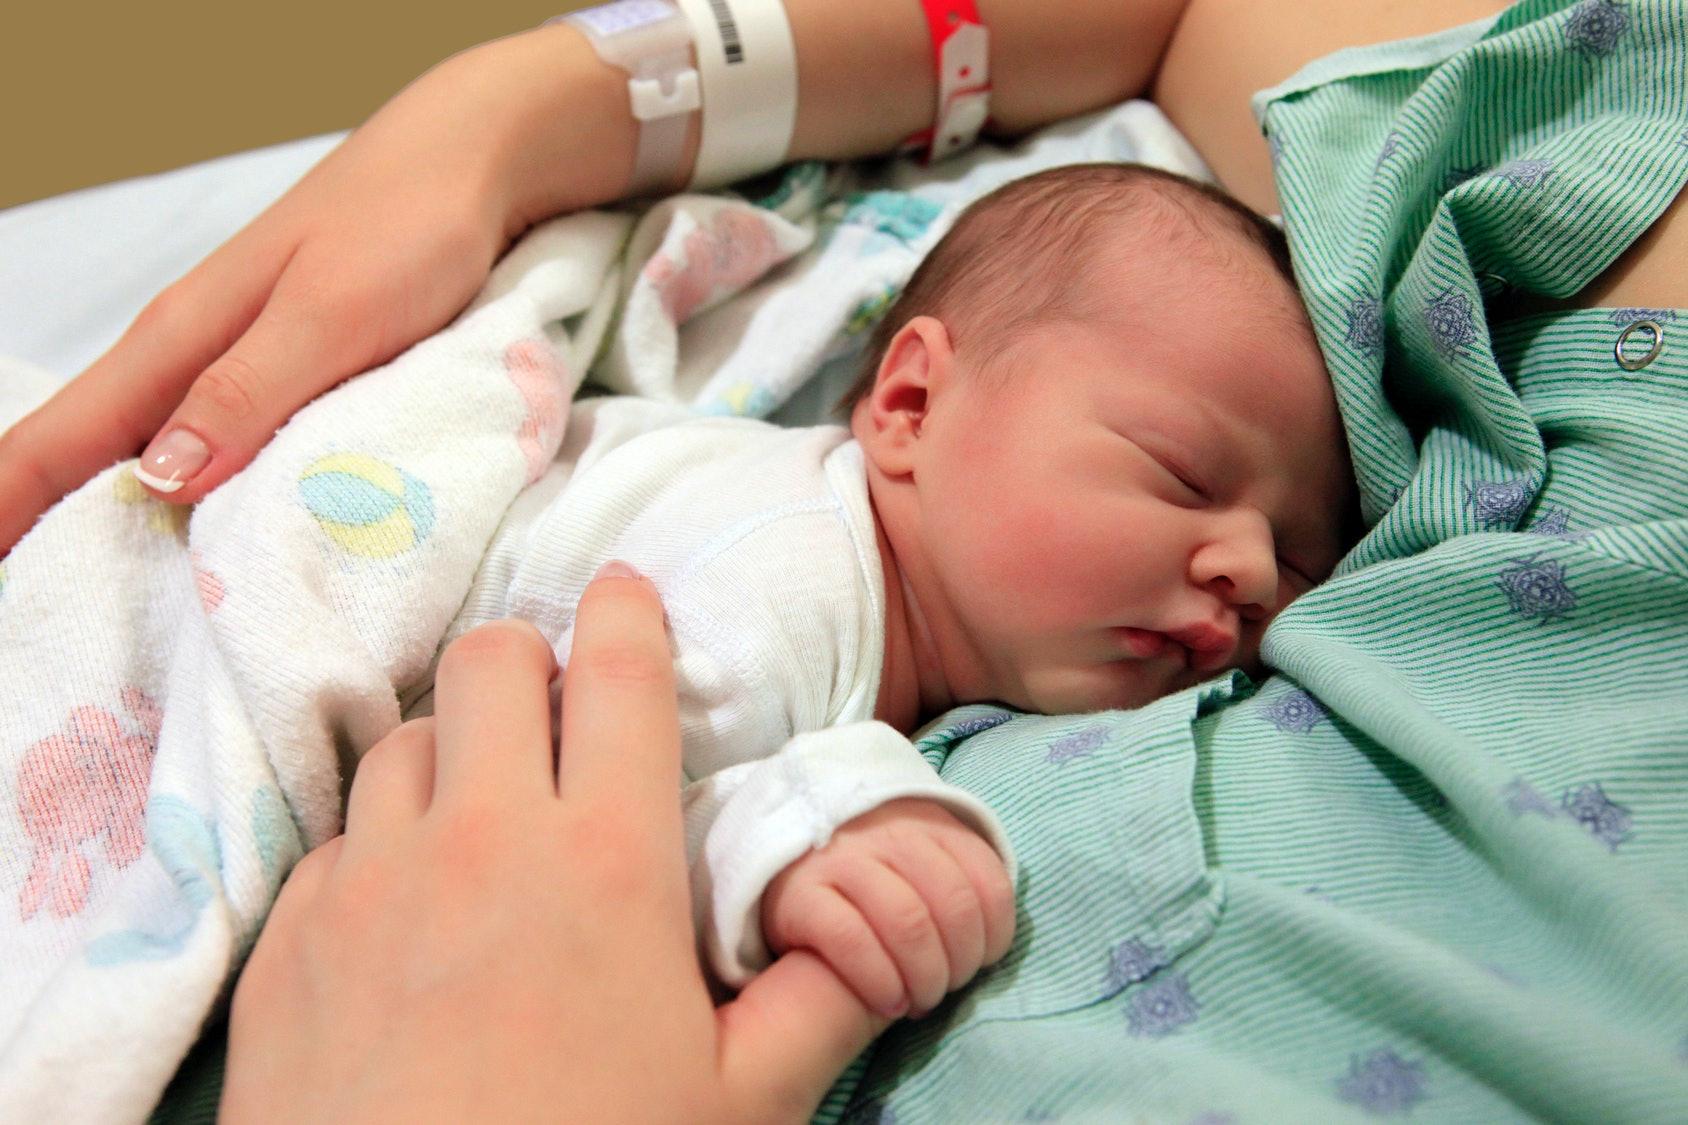 Фото новорождённых детей девочек в роддоме